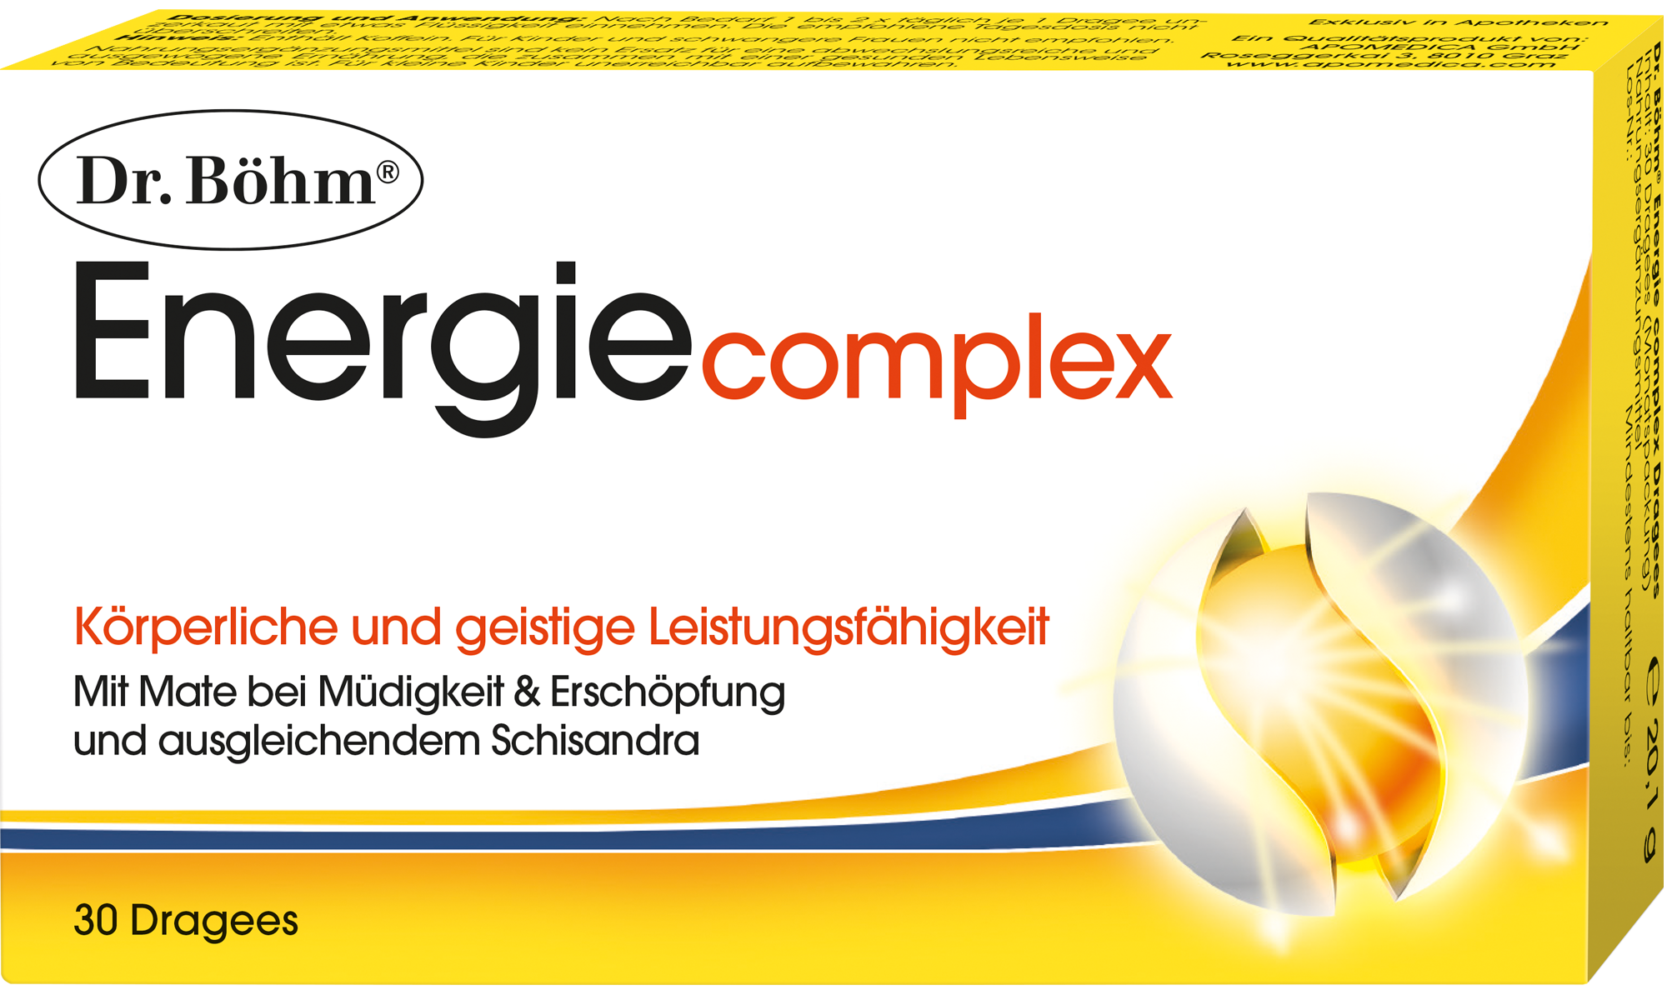 Dr. Böhm® Energie complex Dragees